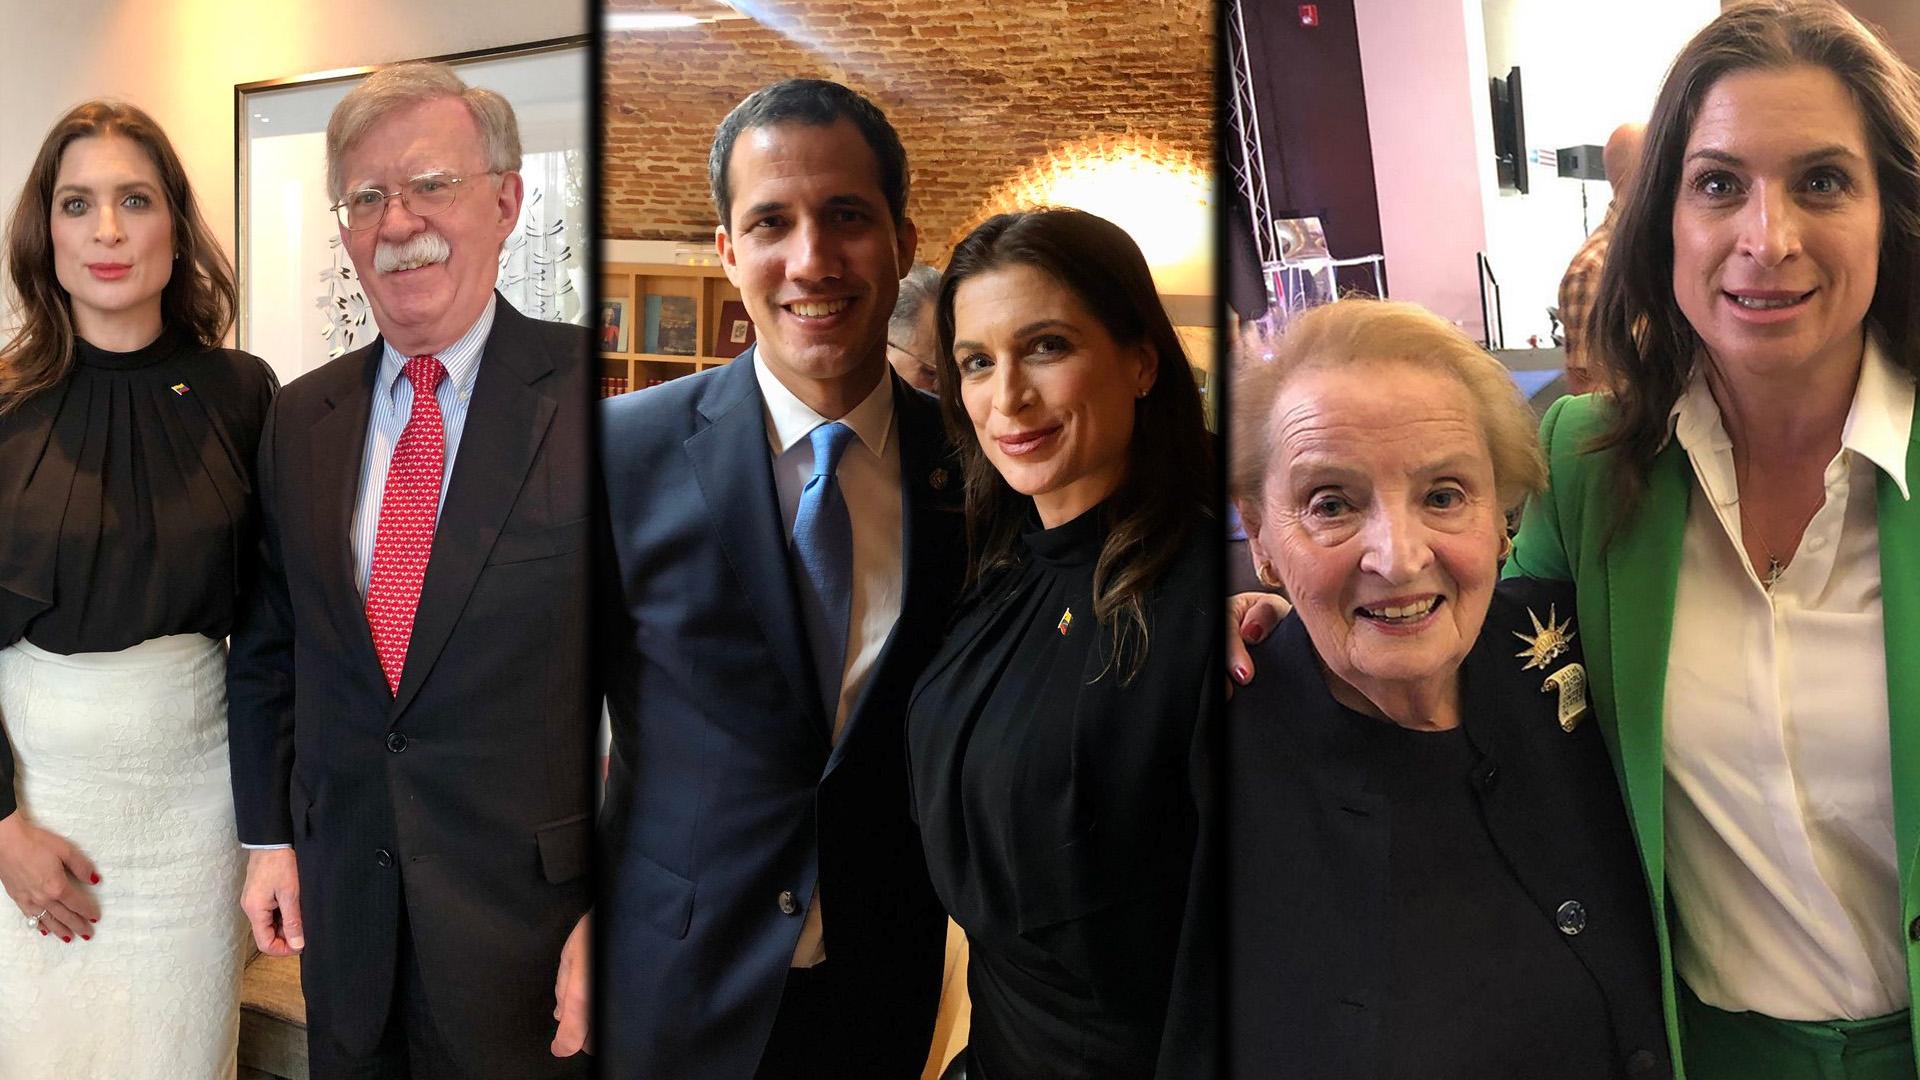 Vanessa Neumann Venezuela ambassador oligarch